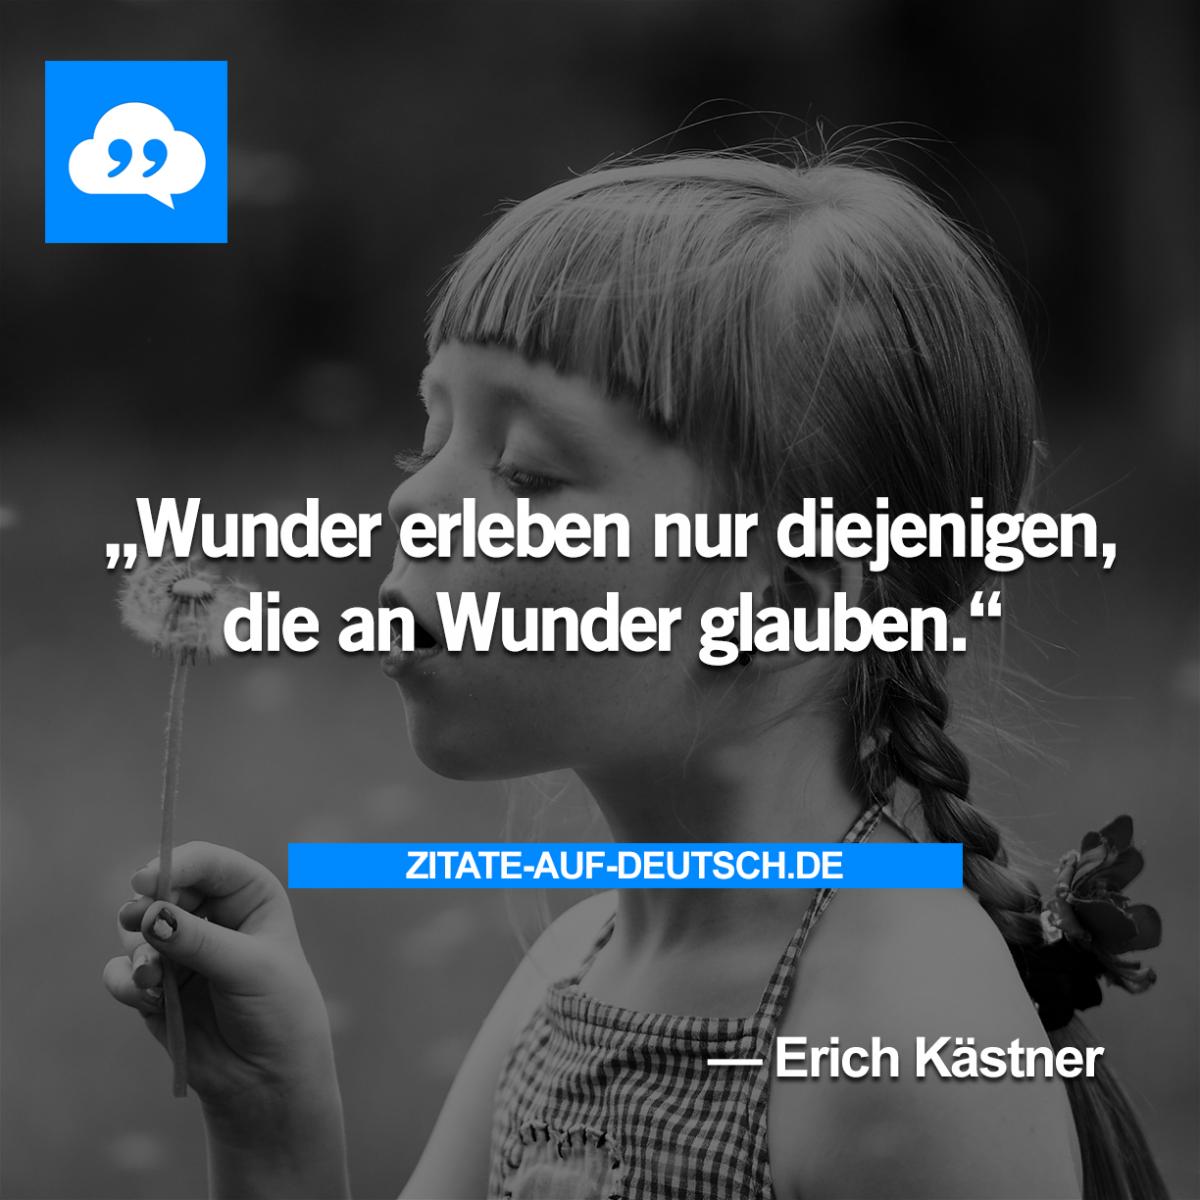 glauben, #spruch, #sprüche, #wunder, #zitat, #zitate ... - Sprüche Von Erich Kästner